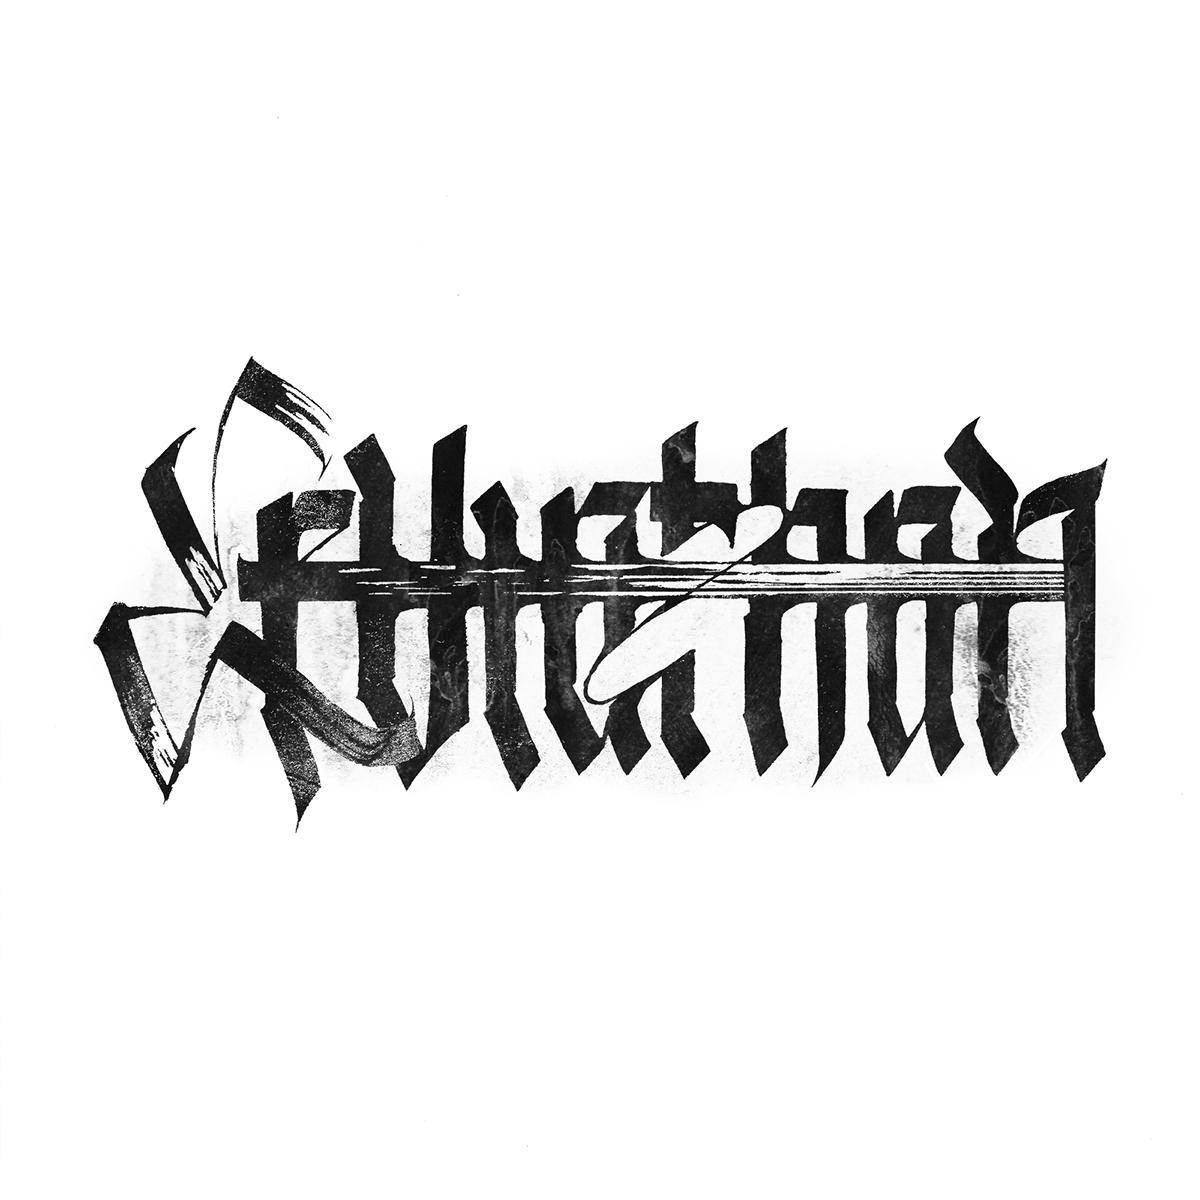 calligraffiti lettering type letters ink handtype handwritten Blackletter gothic modern calligraphy filthy grunge pltnk dirty Handlettering